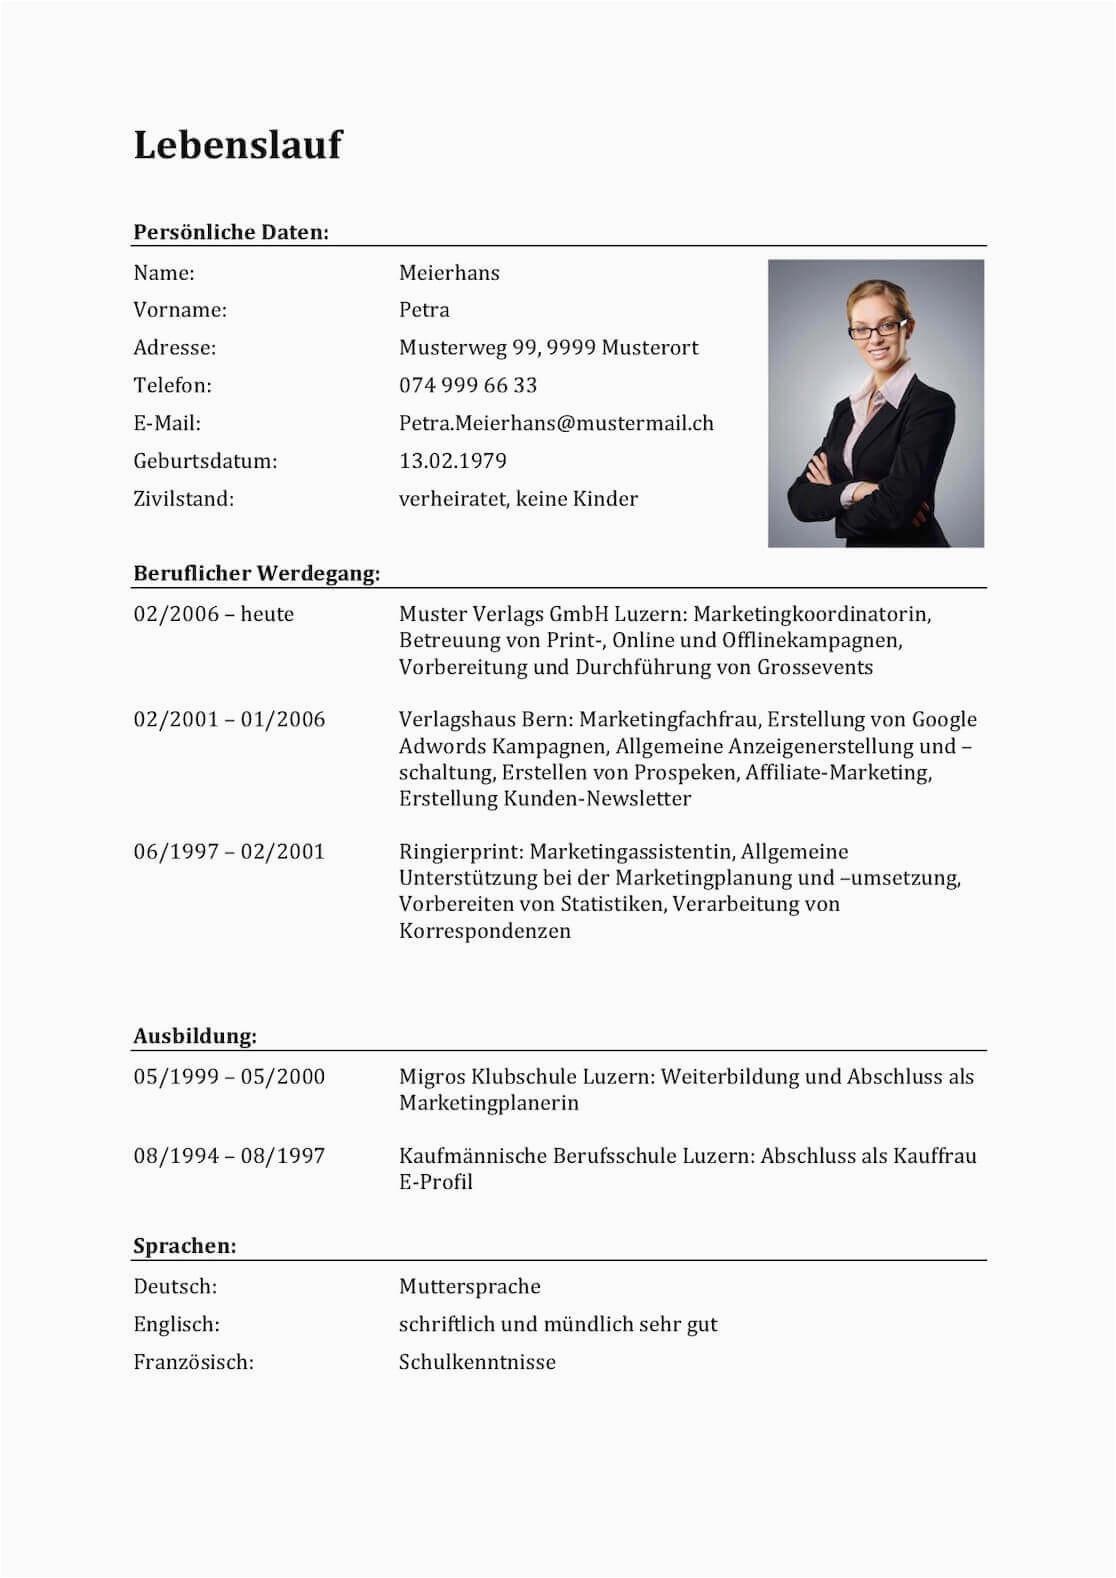 Lebenslauf Schweiz Vorlagen Lebenslauf Vorlagen & Muster Für Bewerbung In Der Schweiz